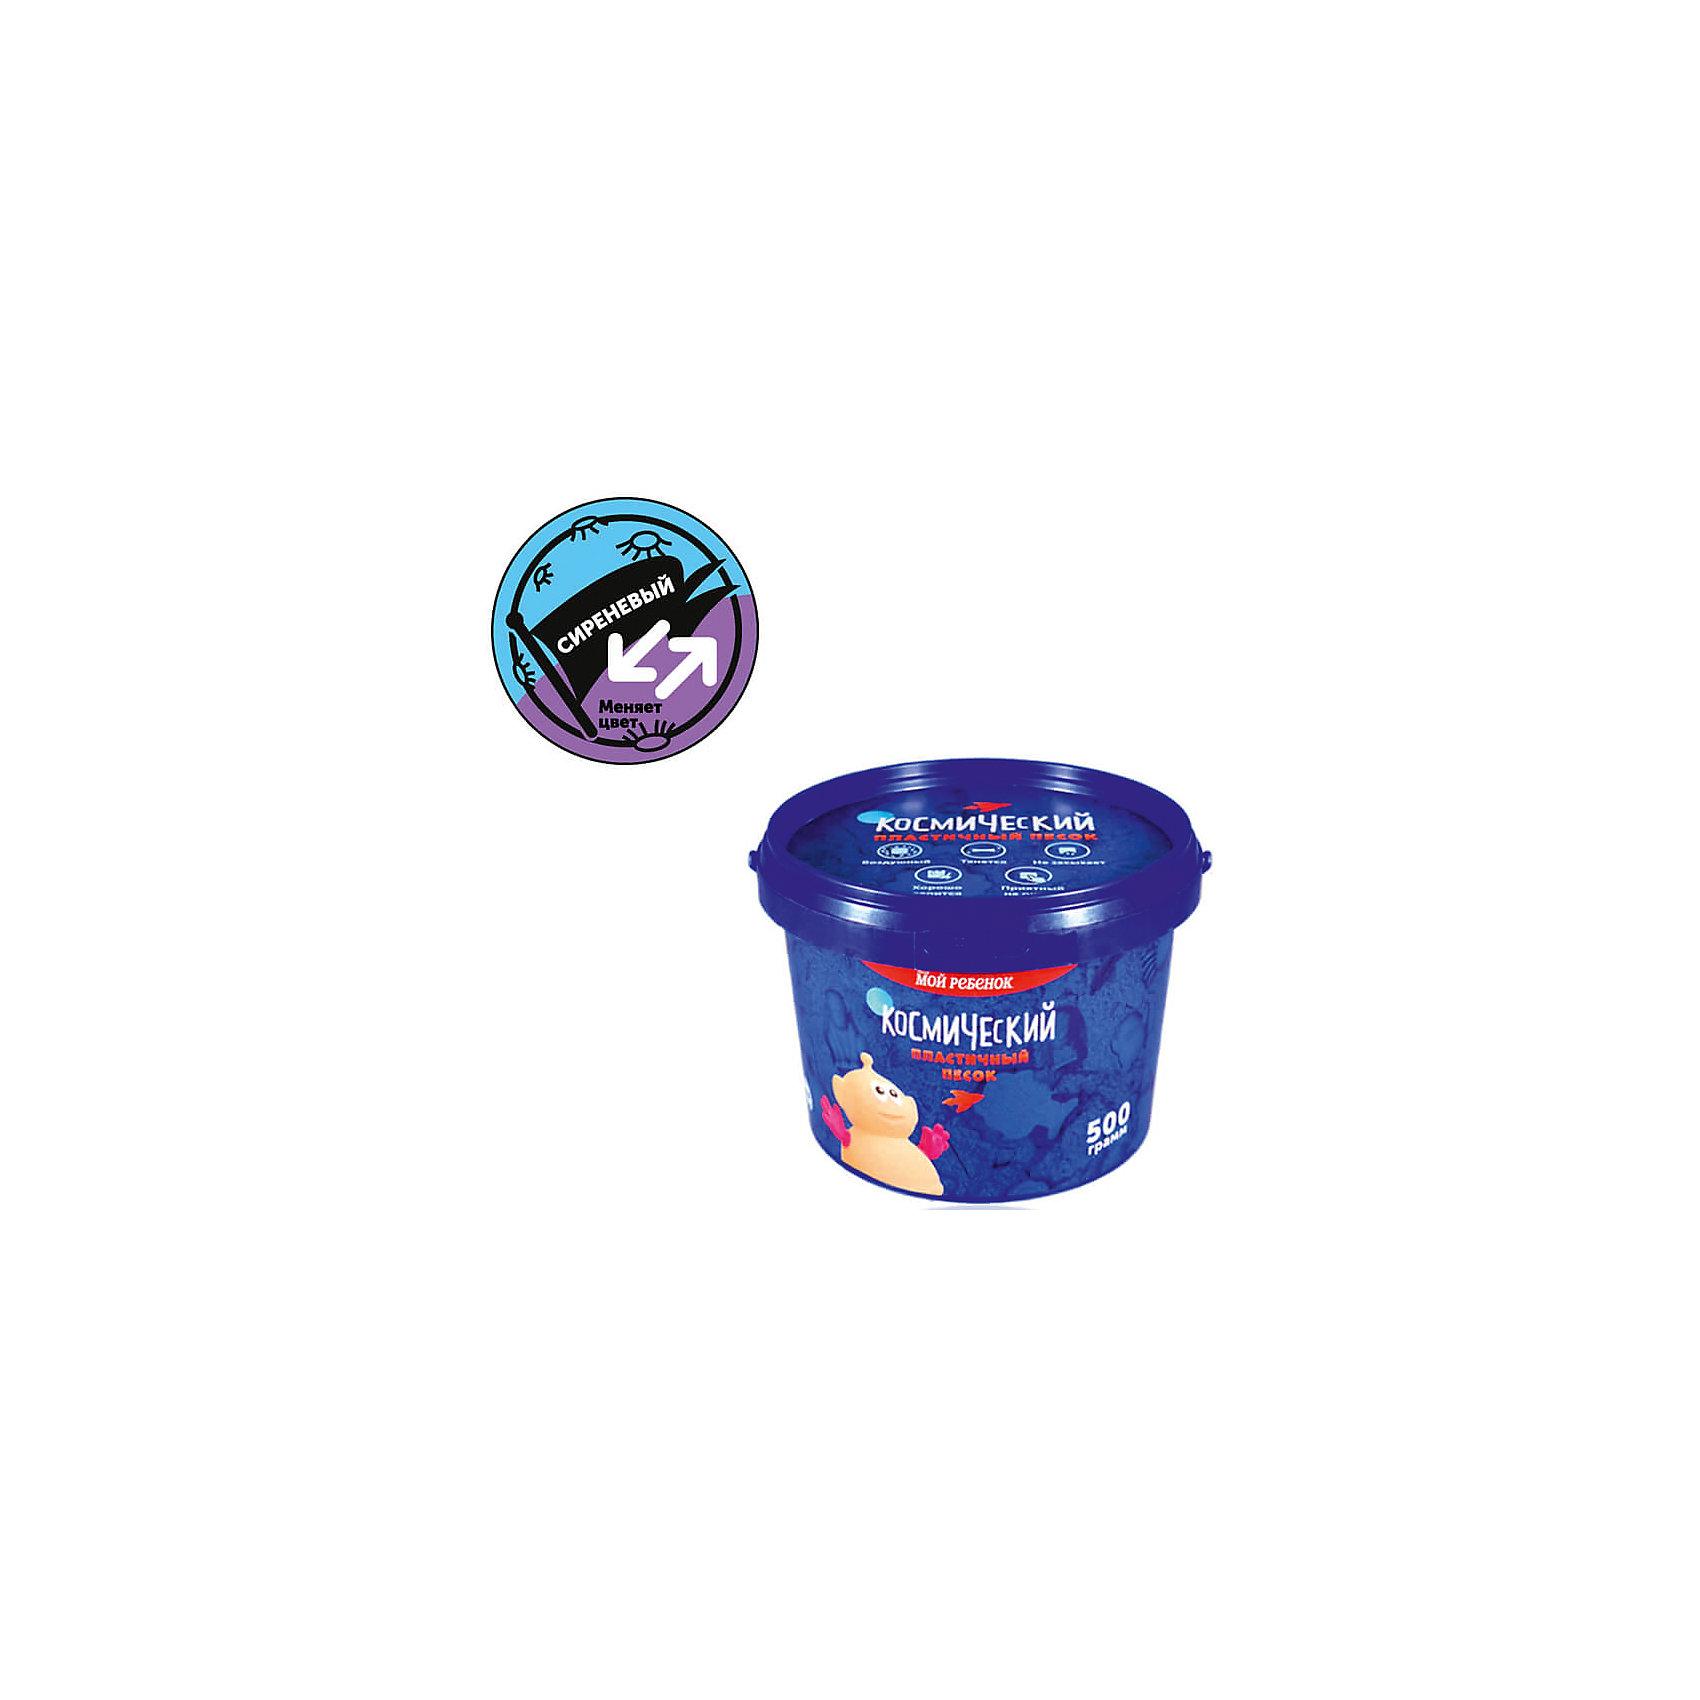 Космический песок, Сиреневый, Цветоменяющий, 0,5 кгКинетический песок<br>Характеристики товара:<br><br>• цвет: сиреневый<br>• размер упаковки: 9 x 12 x 12 см<br>• вес: 600 г<br>• комплектация: 0,5 кг кинетического песка<br>• песок меняет цвет на голубой<br>• подходит для игр дома<br>• возраст: от двух лет<br>• упаковка: банка<br>• страна бренда: РФ<br>• страна изготовитель: РФ<br><br>Этот кинетический песок станет отличным подарком ребенку - ведь с помощью него можно создавать фигуры легко и весело! В этой банке находится половина килограмма песка. Он легко принимает нужную форму и так же легко распадается на песчинки. Играть можно бесконечно! Песок легко собирается, не красится и оставляет пятен на одежде.<br>Детям очень нравится что-то делать своими руками. Кроме того, творчество помогает детям развивать важные навыки и способности, оно активизирует мышление, формирует усидчивость, творческие способности, мелкую моторику и воображение. Изделие производится из качественных и проверенных материалов, которые безопасны для детей.<br><br>Кинетический песок Сиреневый, Цветоменяющий, 0,5 кг от бренда Космический песок можно купить в нашем интернет-магазине.<br><br>Ширина мм: 120<br>Глубина мм: 120<br>Высота мм: 90<br>Вес г: 600<br>Возраст от месяцев: 36<br>Возраст до месяцев: 84<br>Пол: Унисекс<br>Возраст: Детский<br>SKU: 5168944